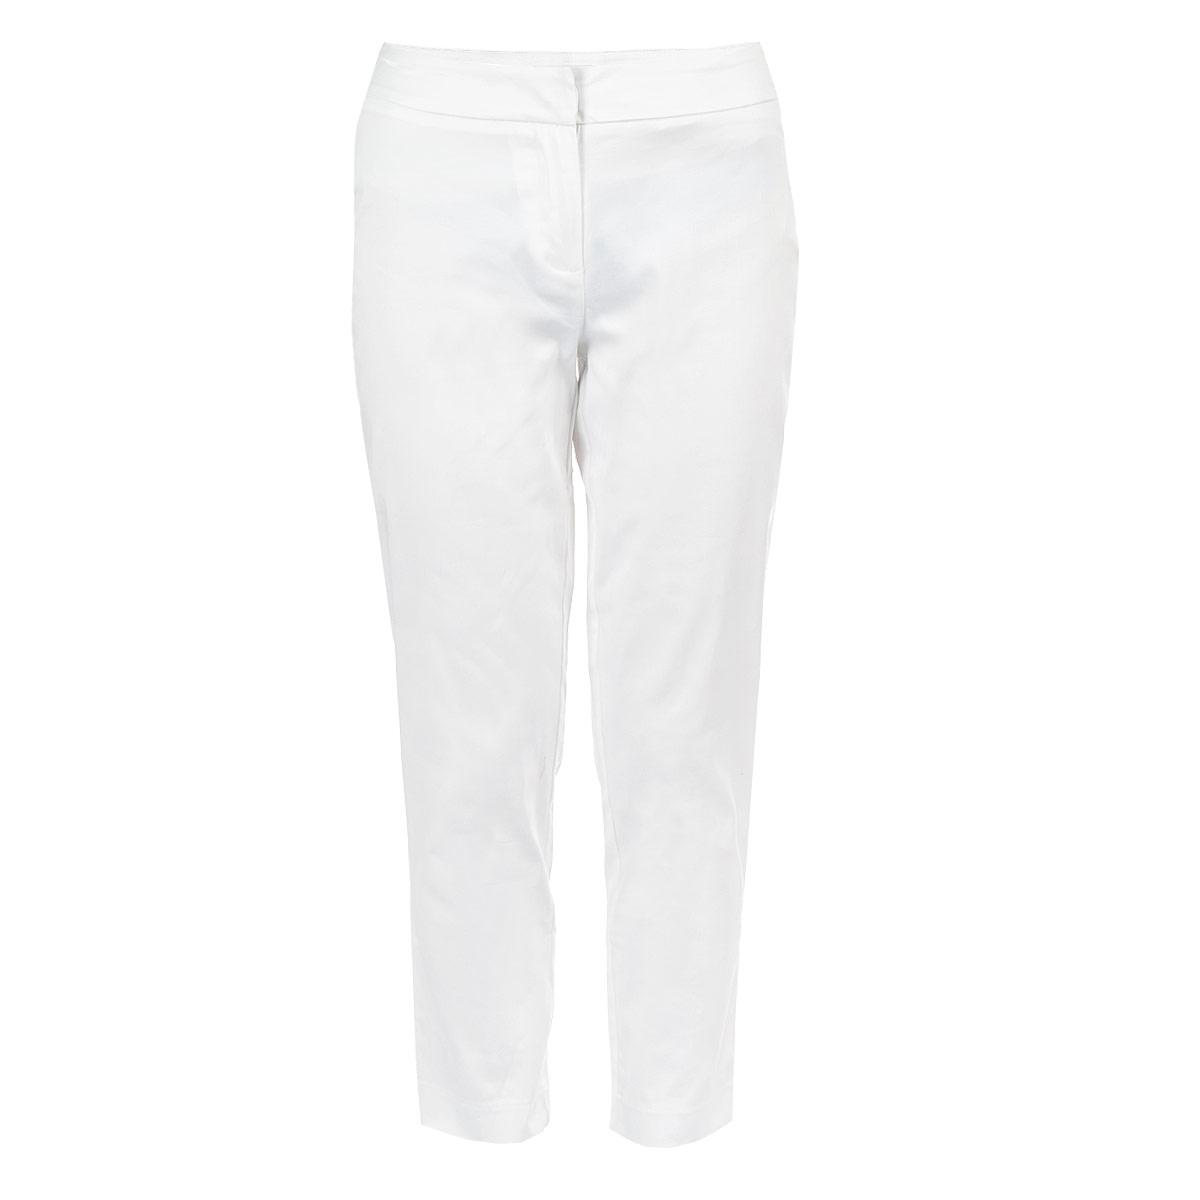 Брюки женские. 515416515416Стильные женские брюки Savage созданы специально для того, чтобы подчеркивать достоинства вашей фигуры. Модель слегка заниженного к низу кроя с укороченными брючинами станет отличным дополнением к вашему современному образу. Застегиваются брюки на крючок и пуговицу в поясе и ширинку на застежке-молнии. Сзади модель оформлена имитацией прорезных кармашков. Эти модные и в тоже время комфортные брюки послужат отличным дополнением к вашему гардеробу. В них вы всегда будете чувствовать себя уютно и комфортно.